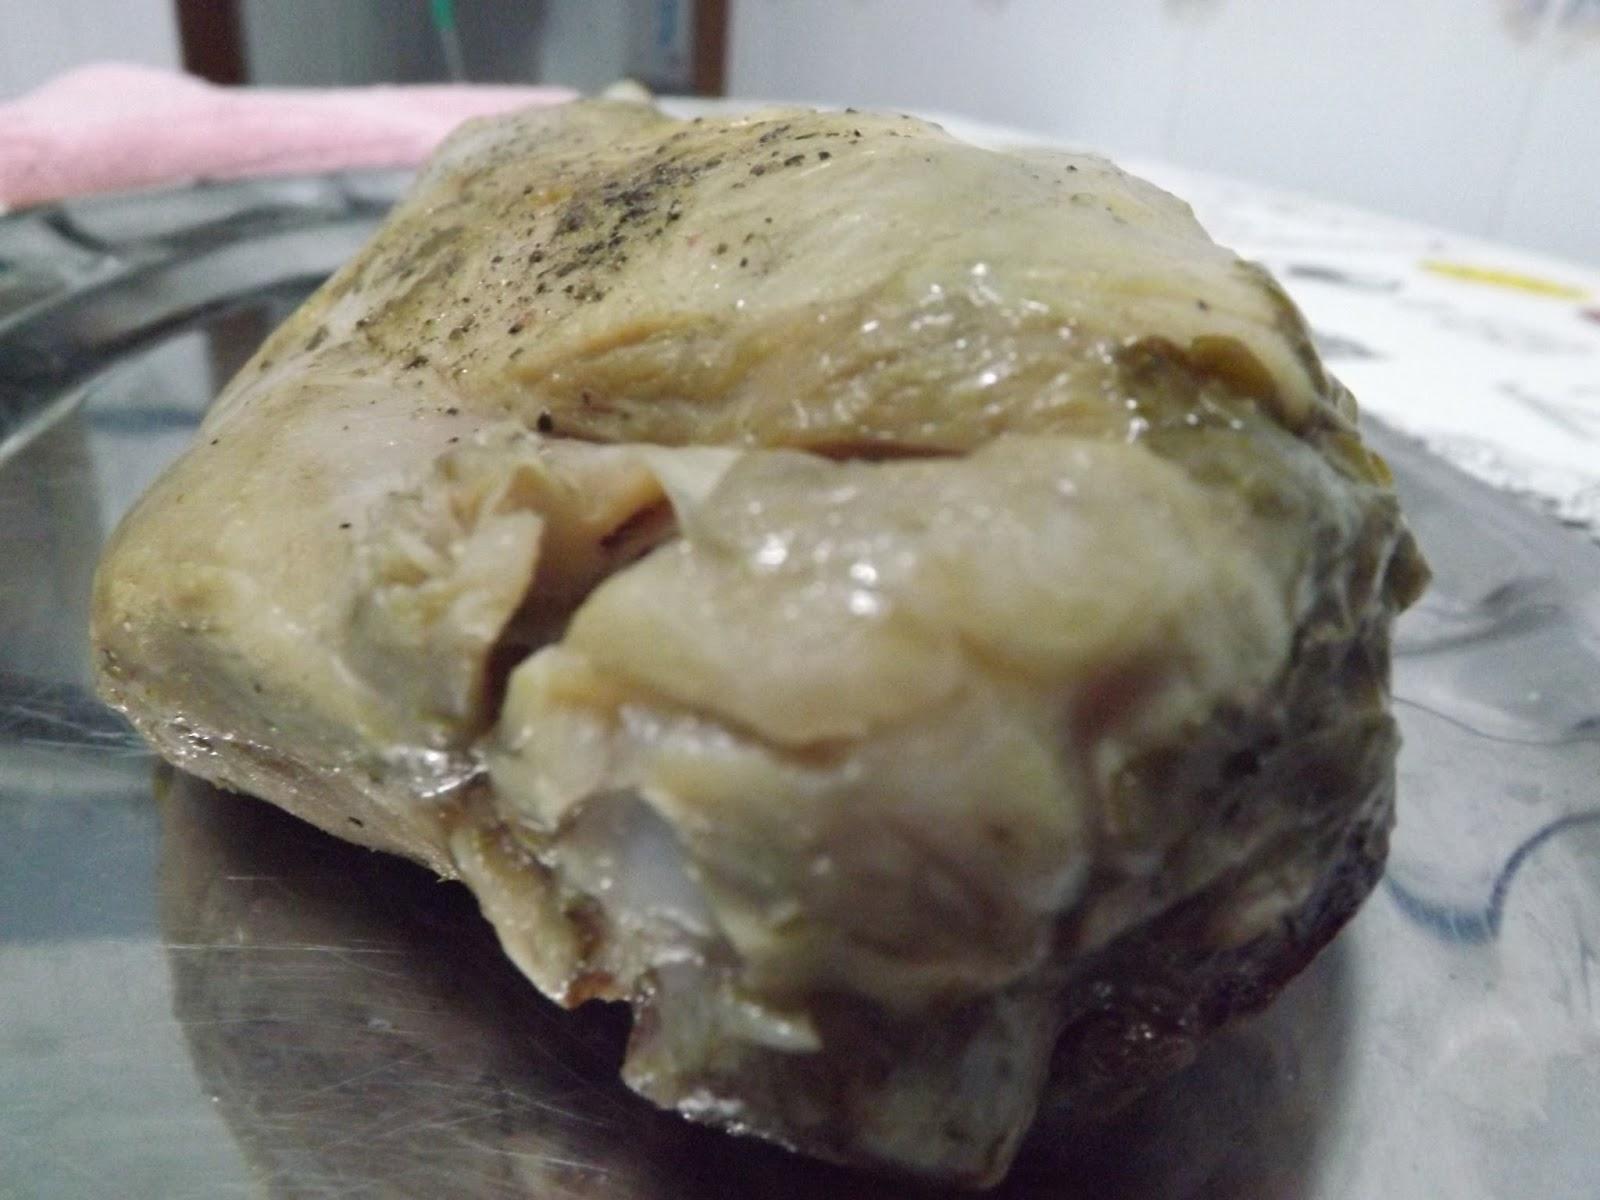 La cocina y los animales pierna de cordero lechal - Pierna de cordero lechal ...